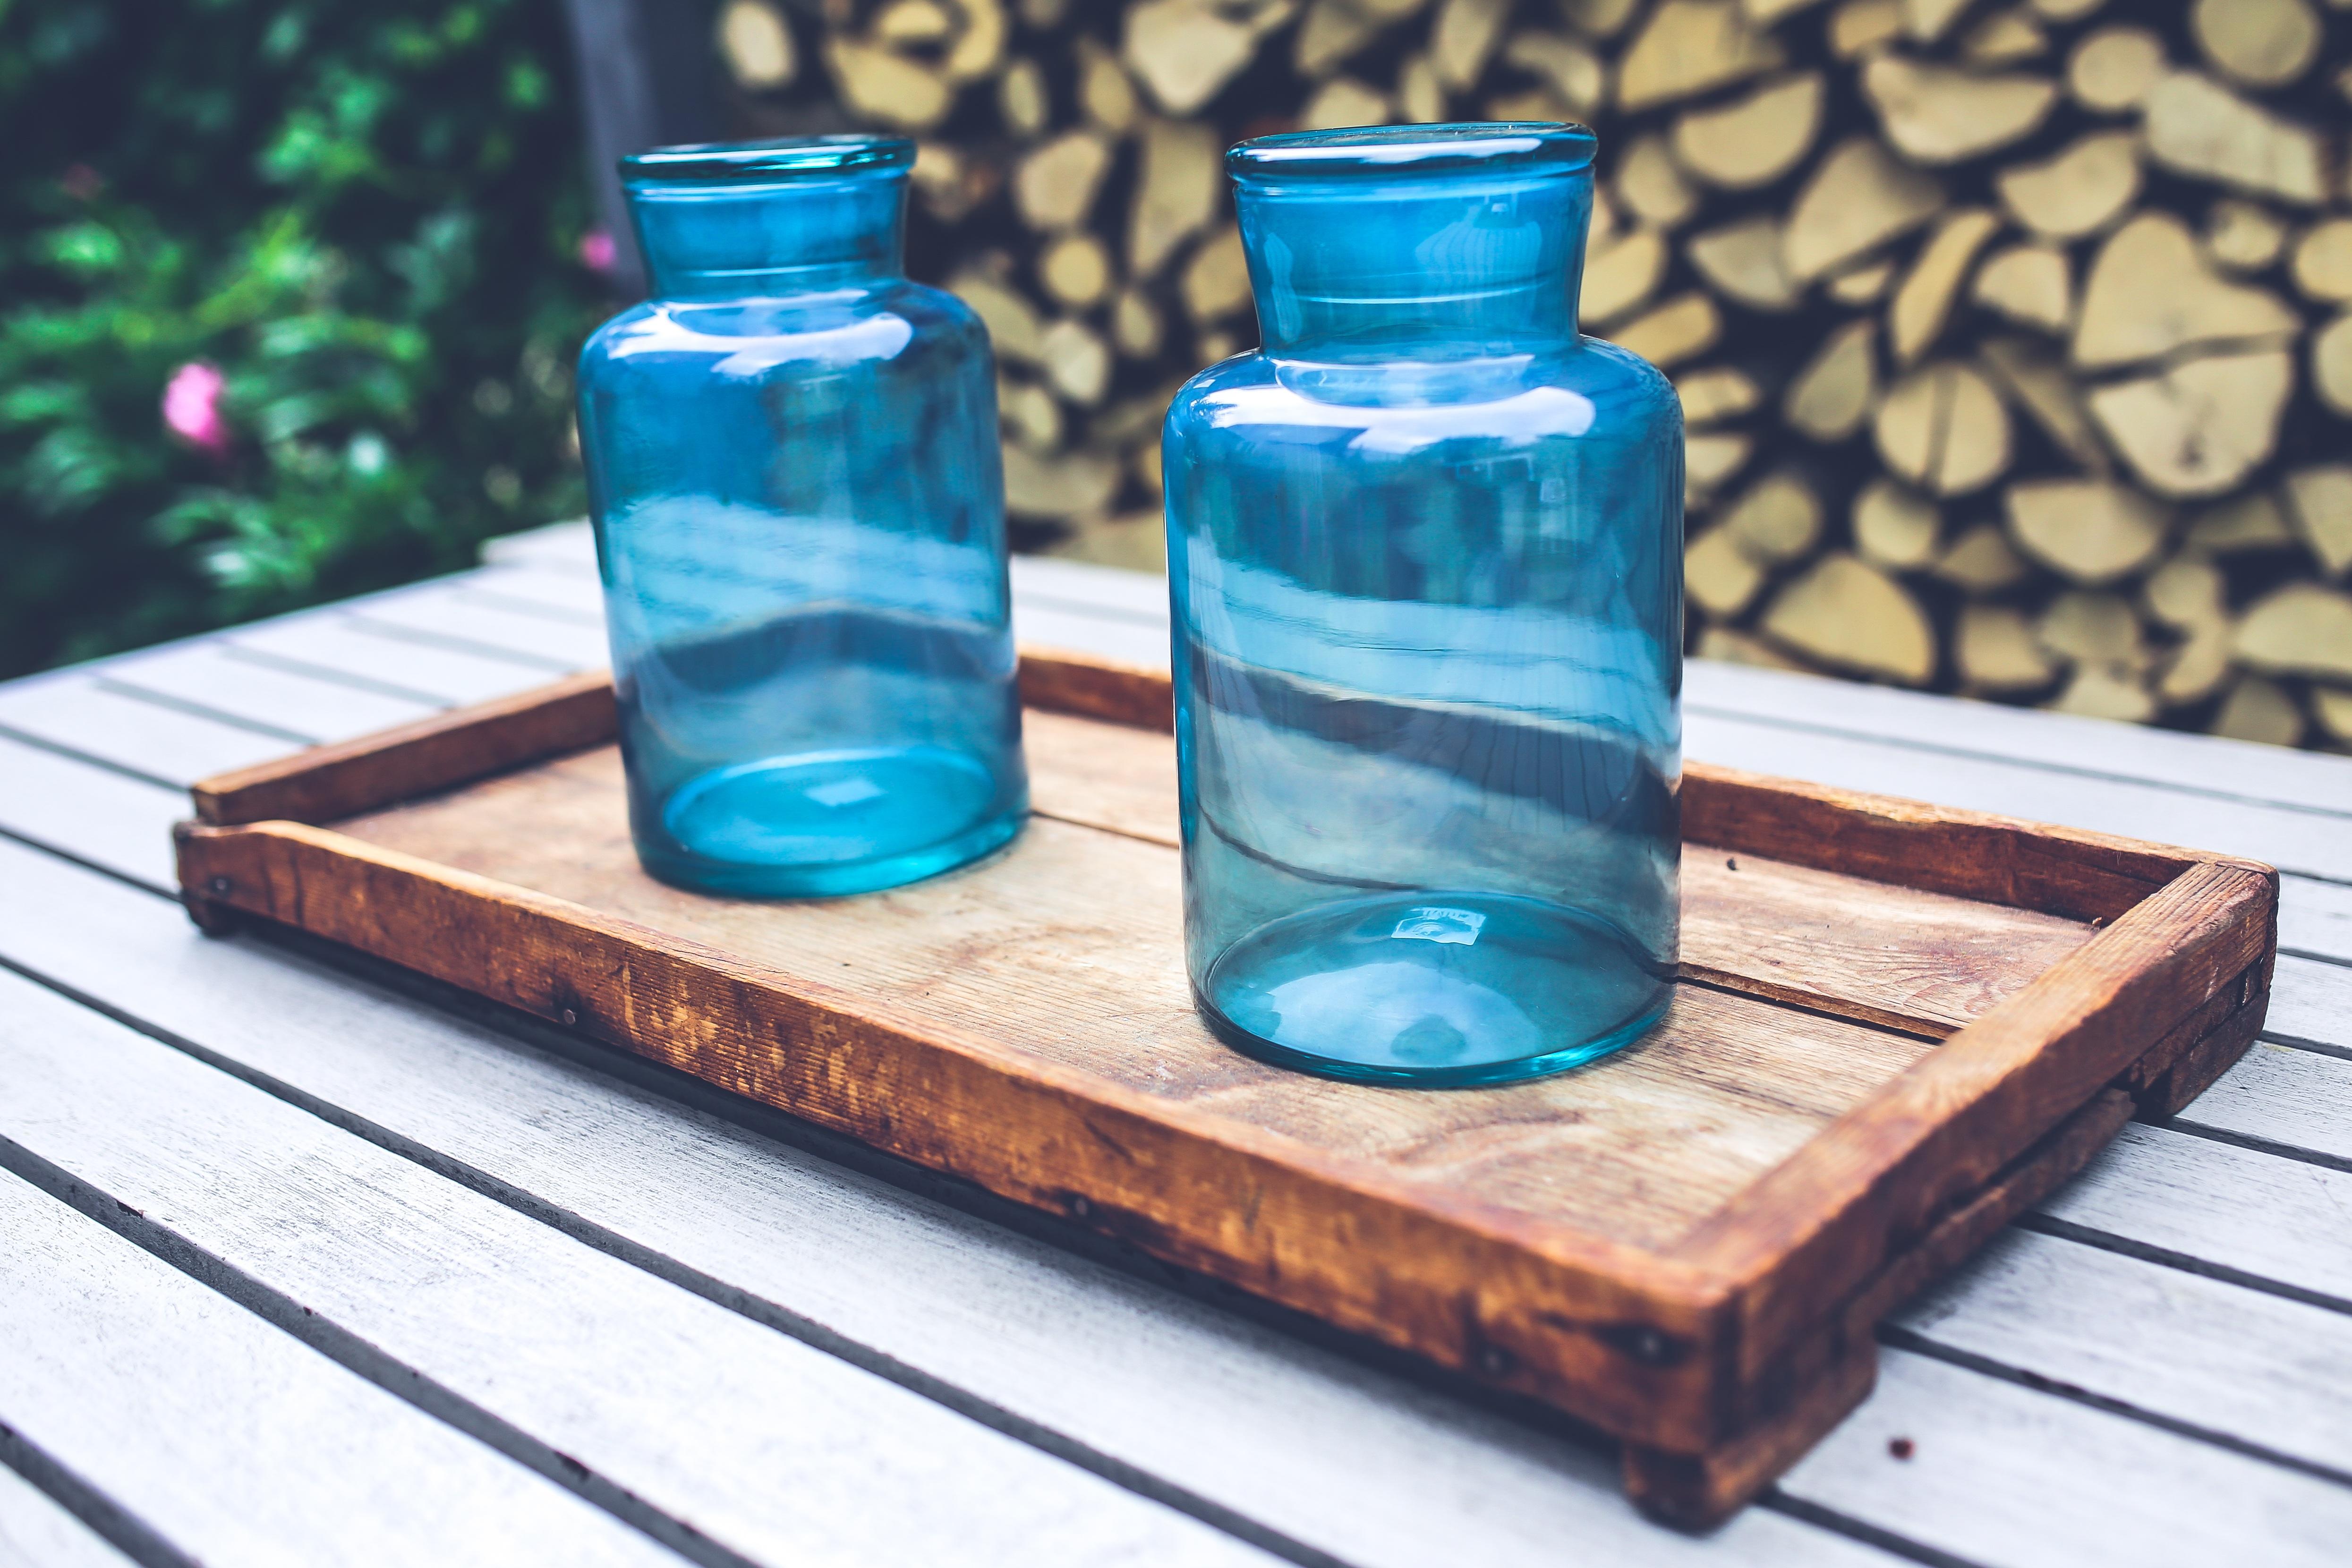 Gambar Kayu Biru Barang Pecah Belah Baki Botol Kaca Mason